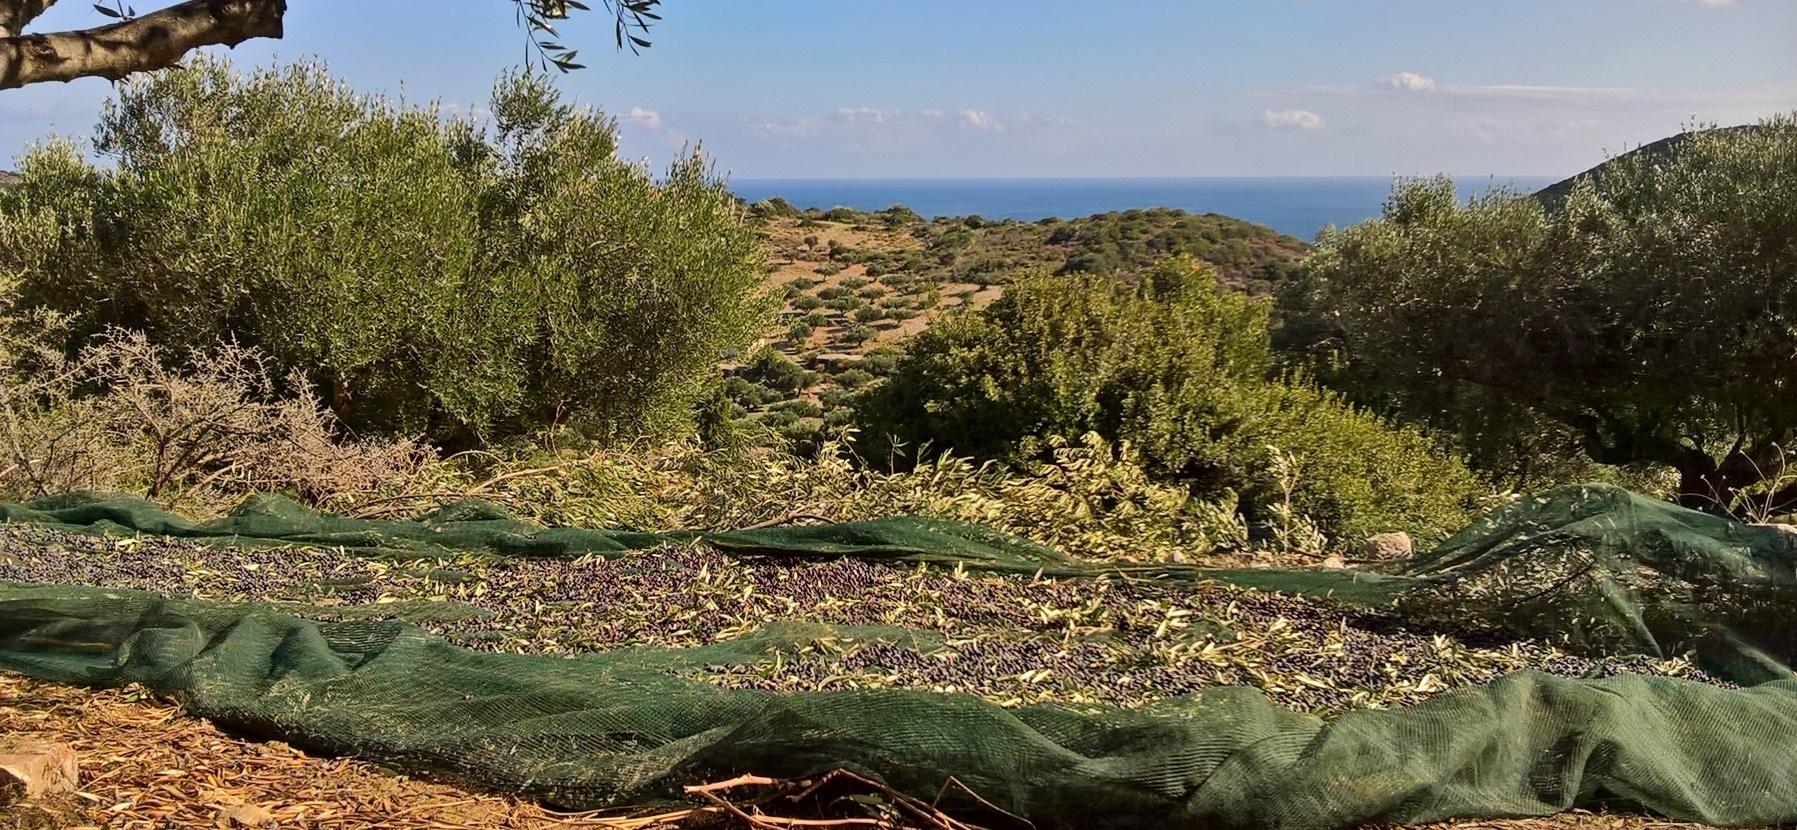 Olive slider